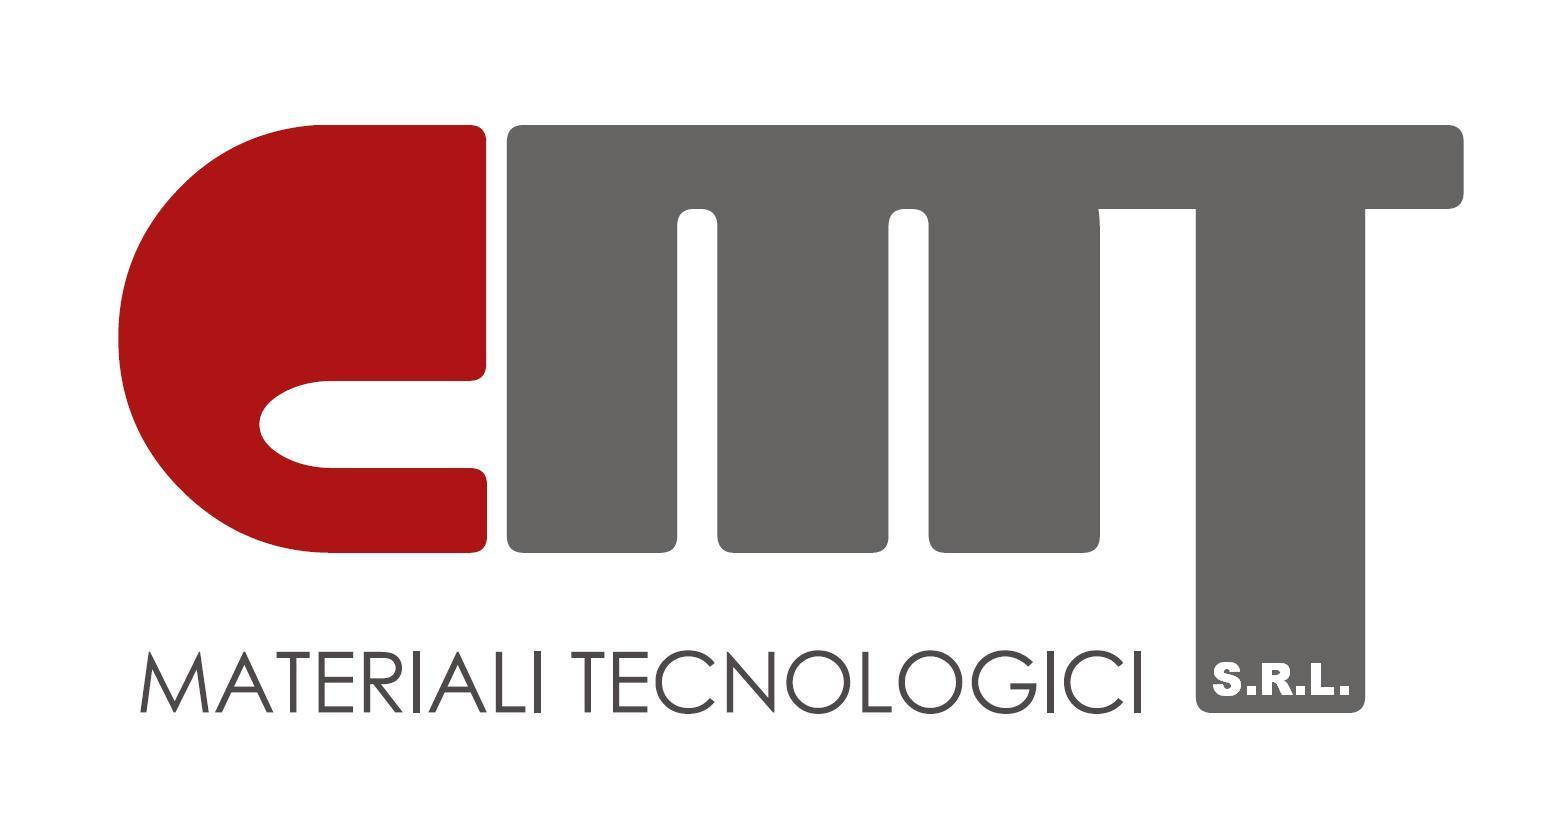 Buono sconto CMT Srl Materiali Tecnologici logo